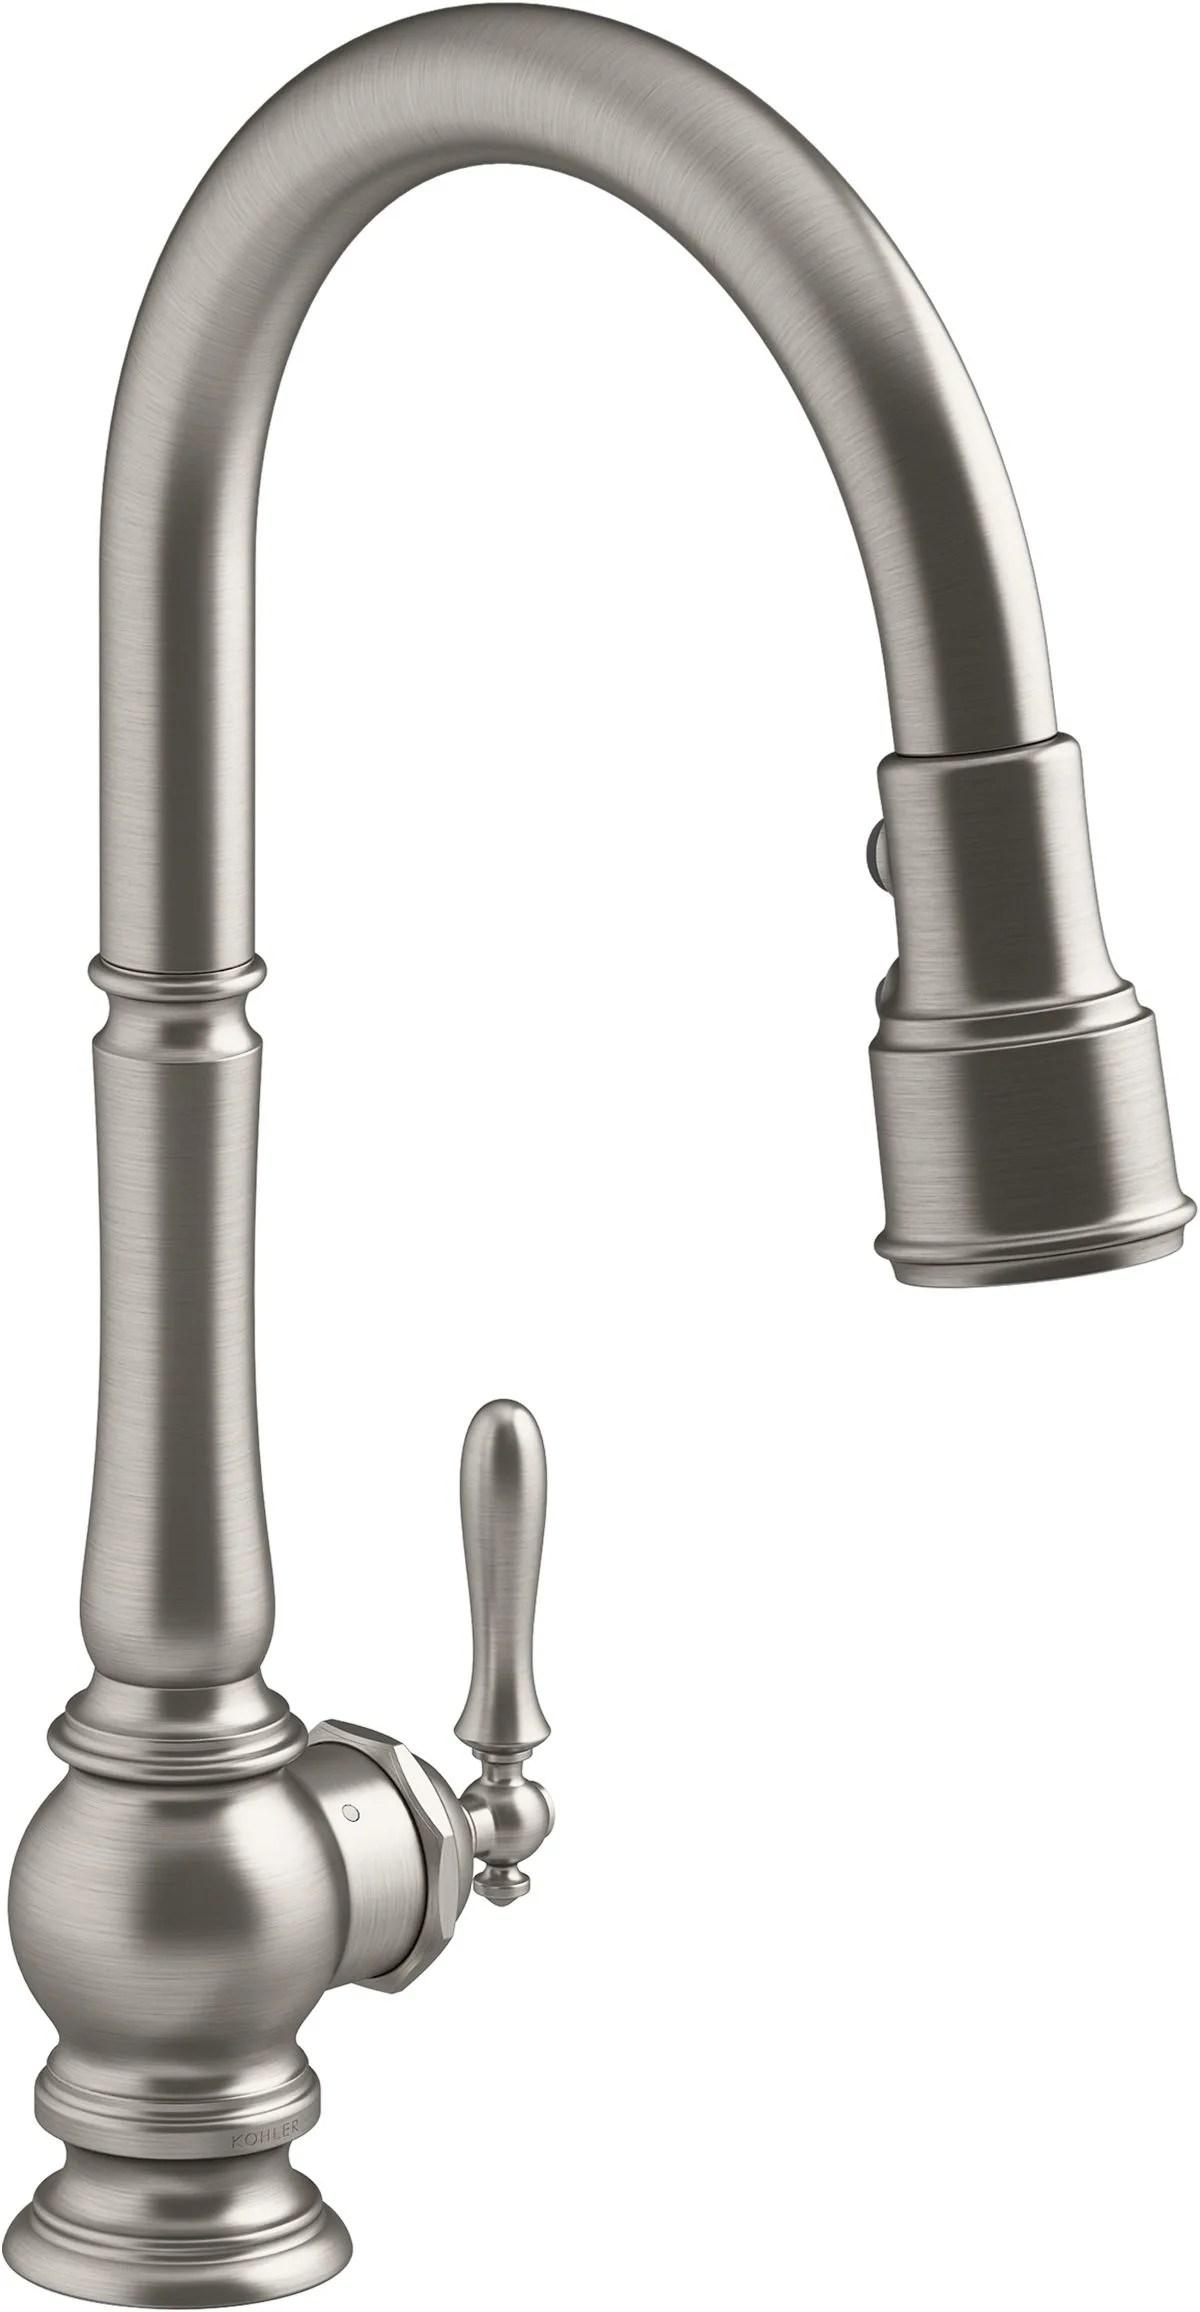 kohler kitchen faucet hole size a